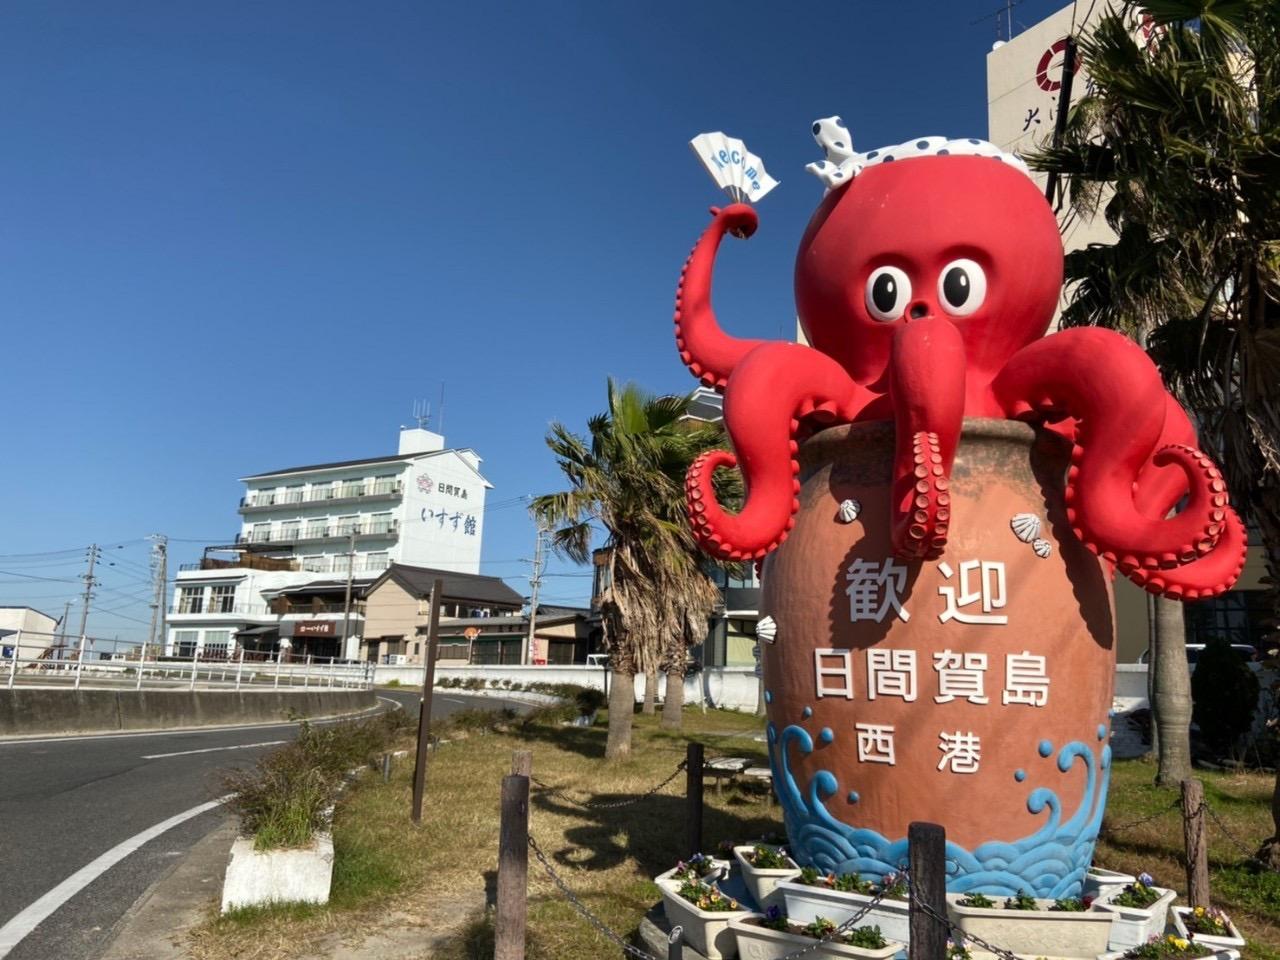 日間賀島(ひまかじま) 【三河湾】メイン画像